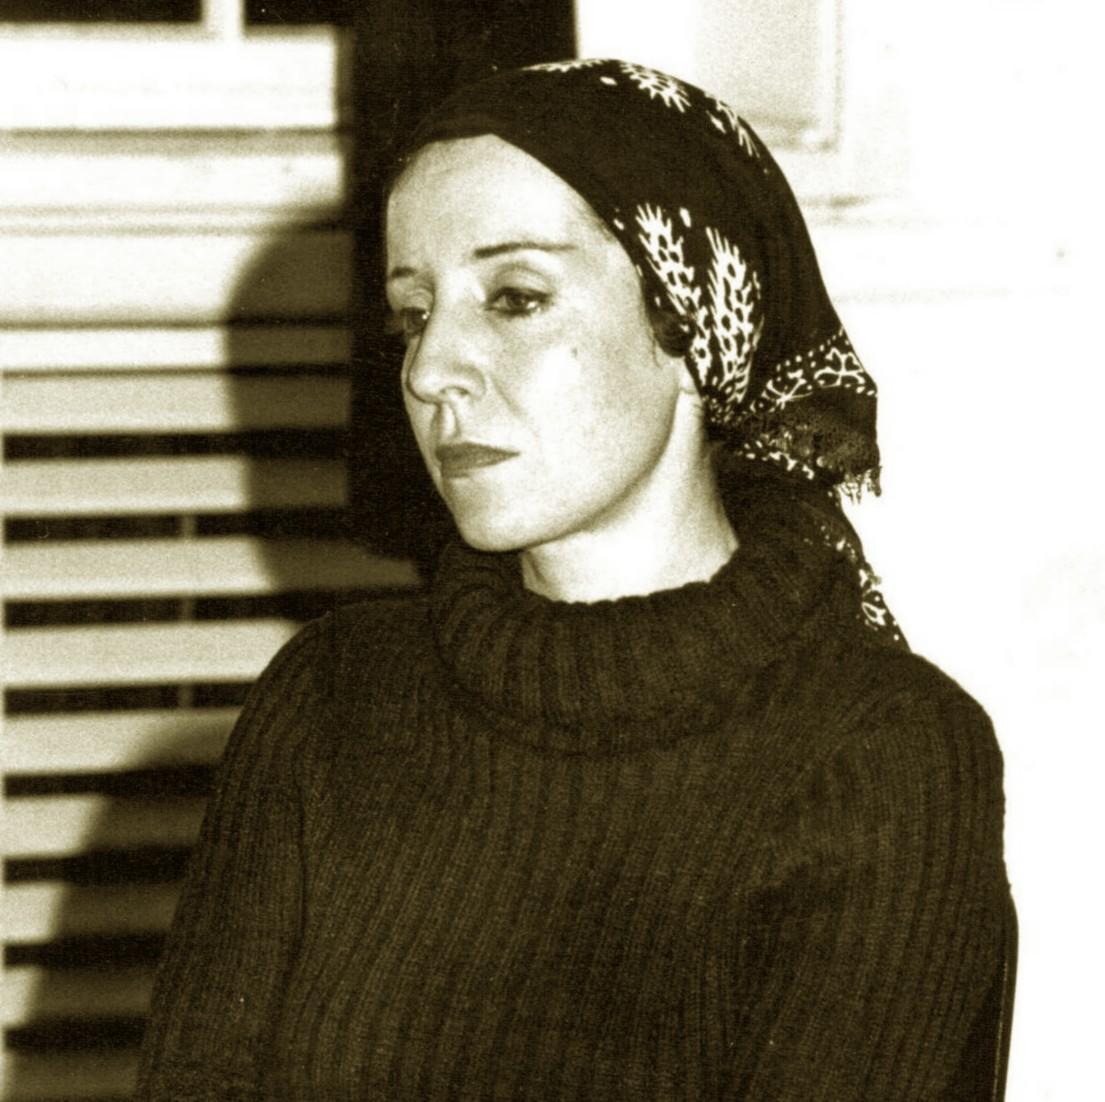 Dört Büyük şair Ve Paylaşılamayan Bir Kadın Tomris Uyar